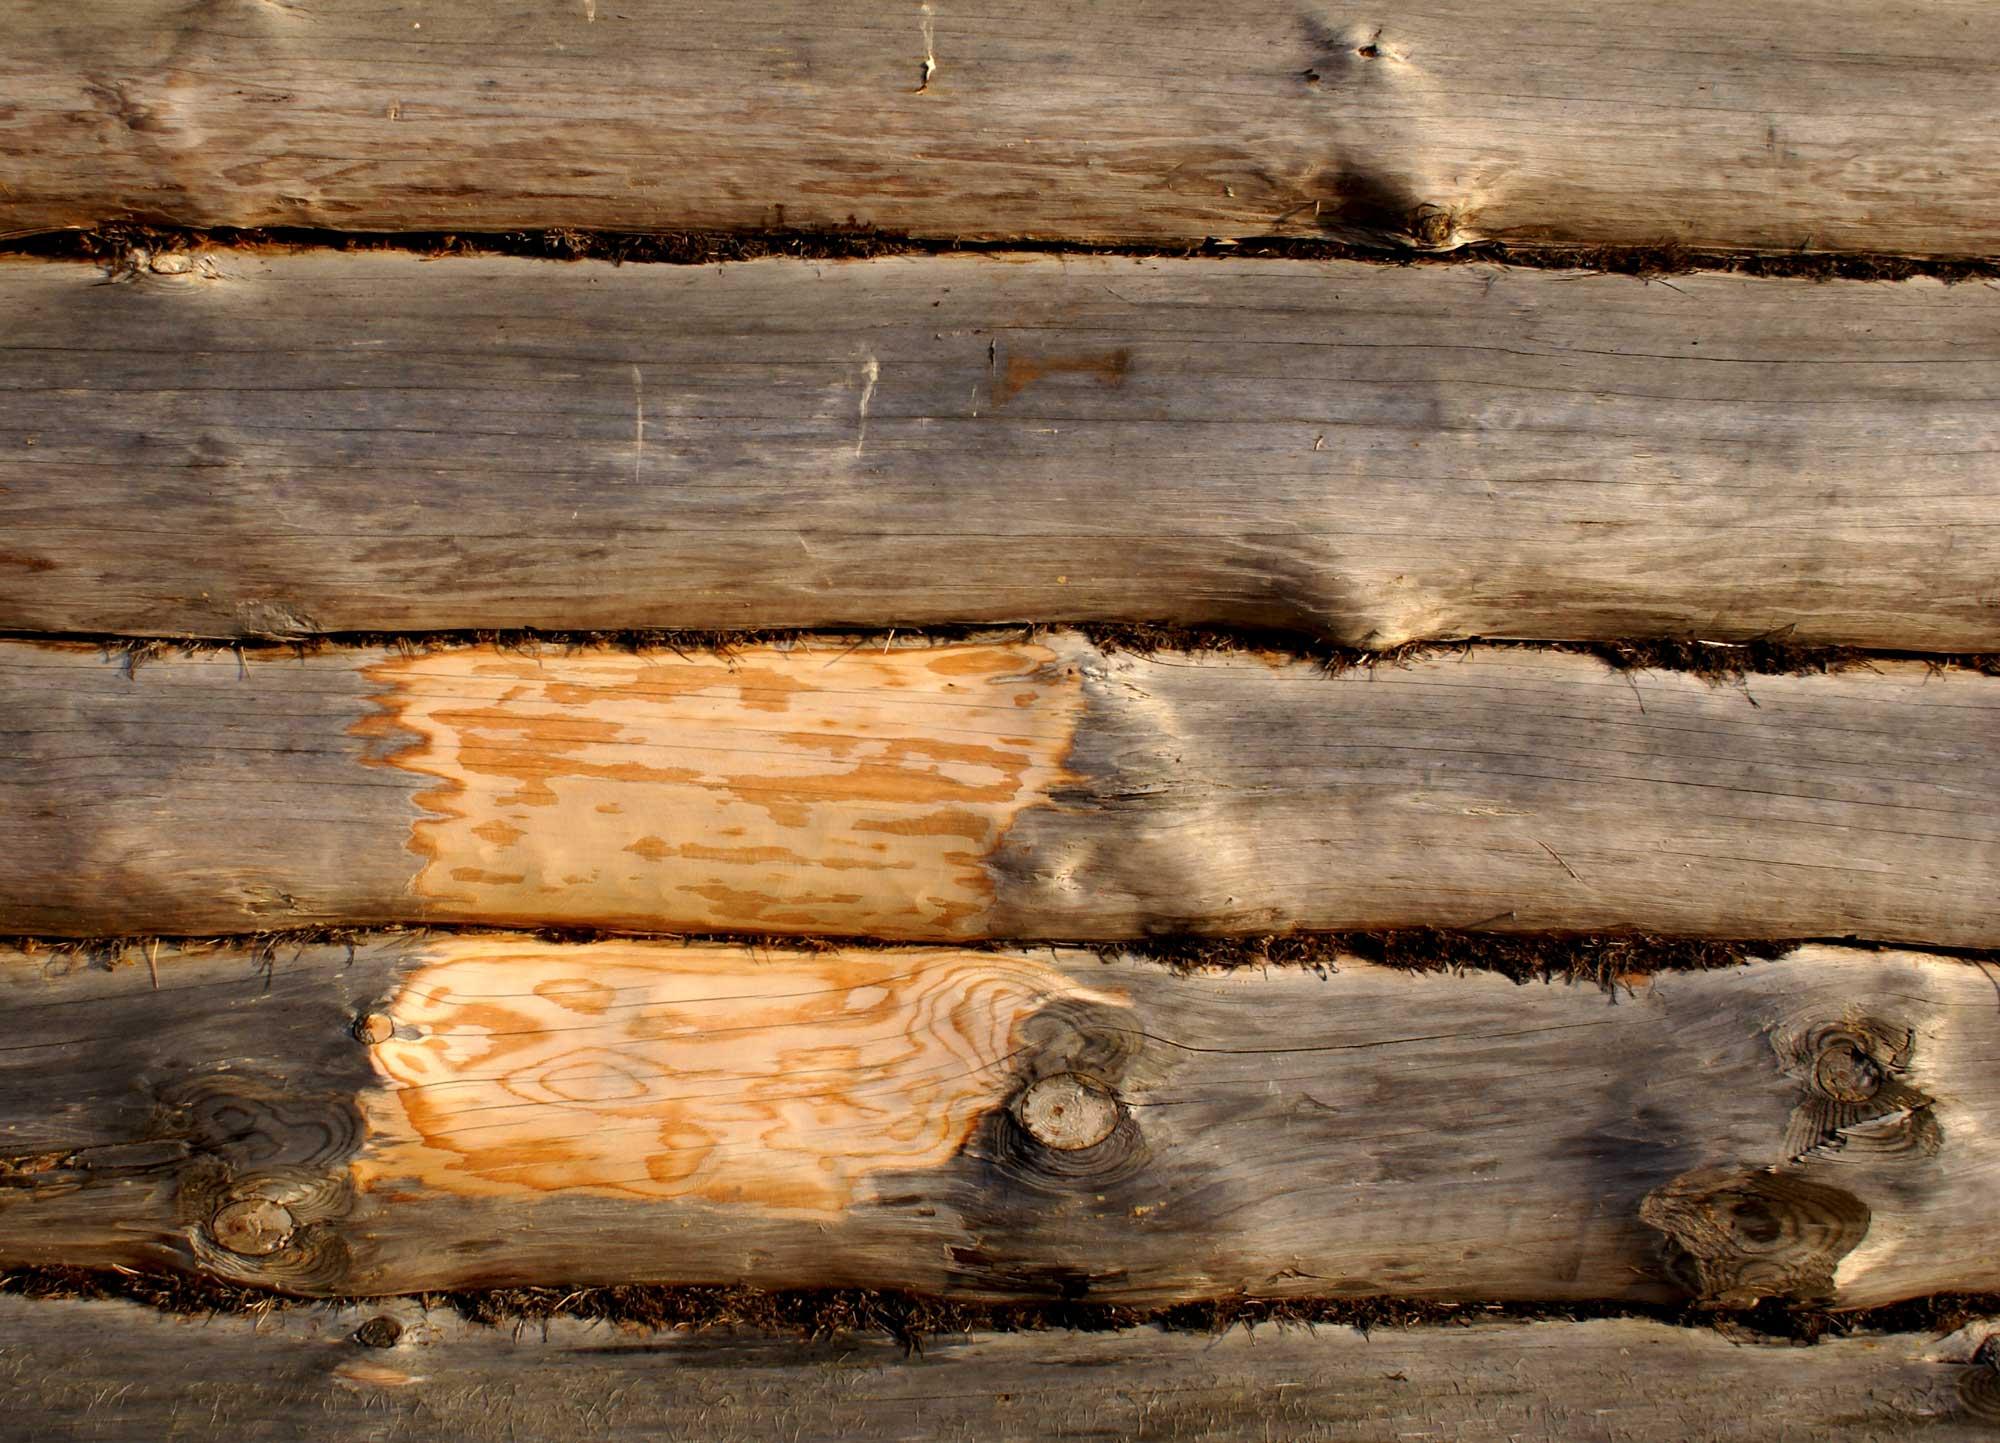 Обработка древесины пескоструем в Москве